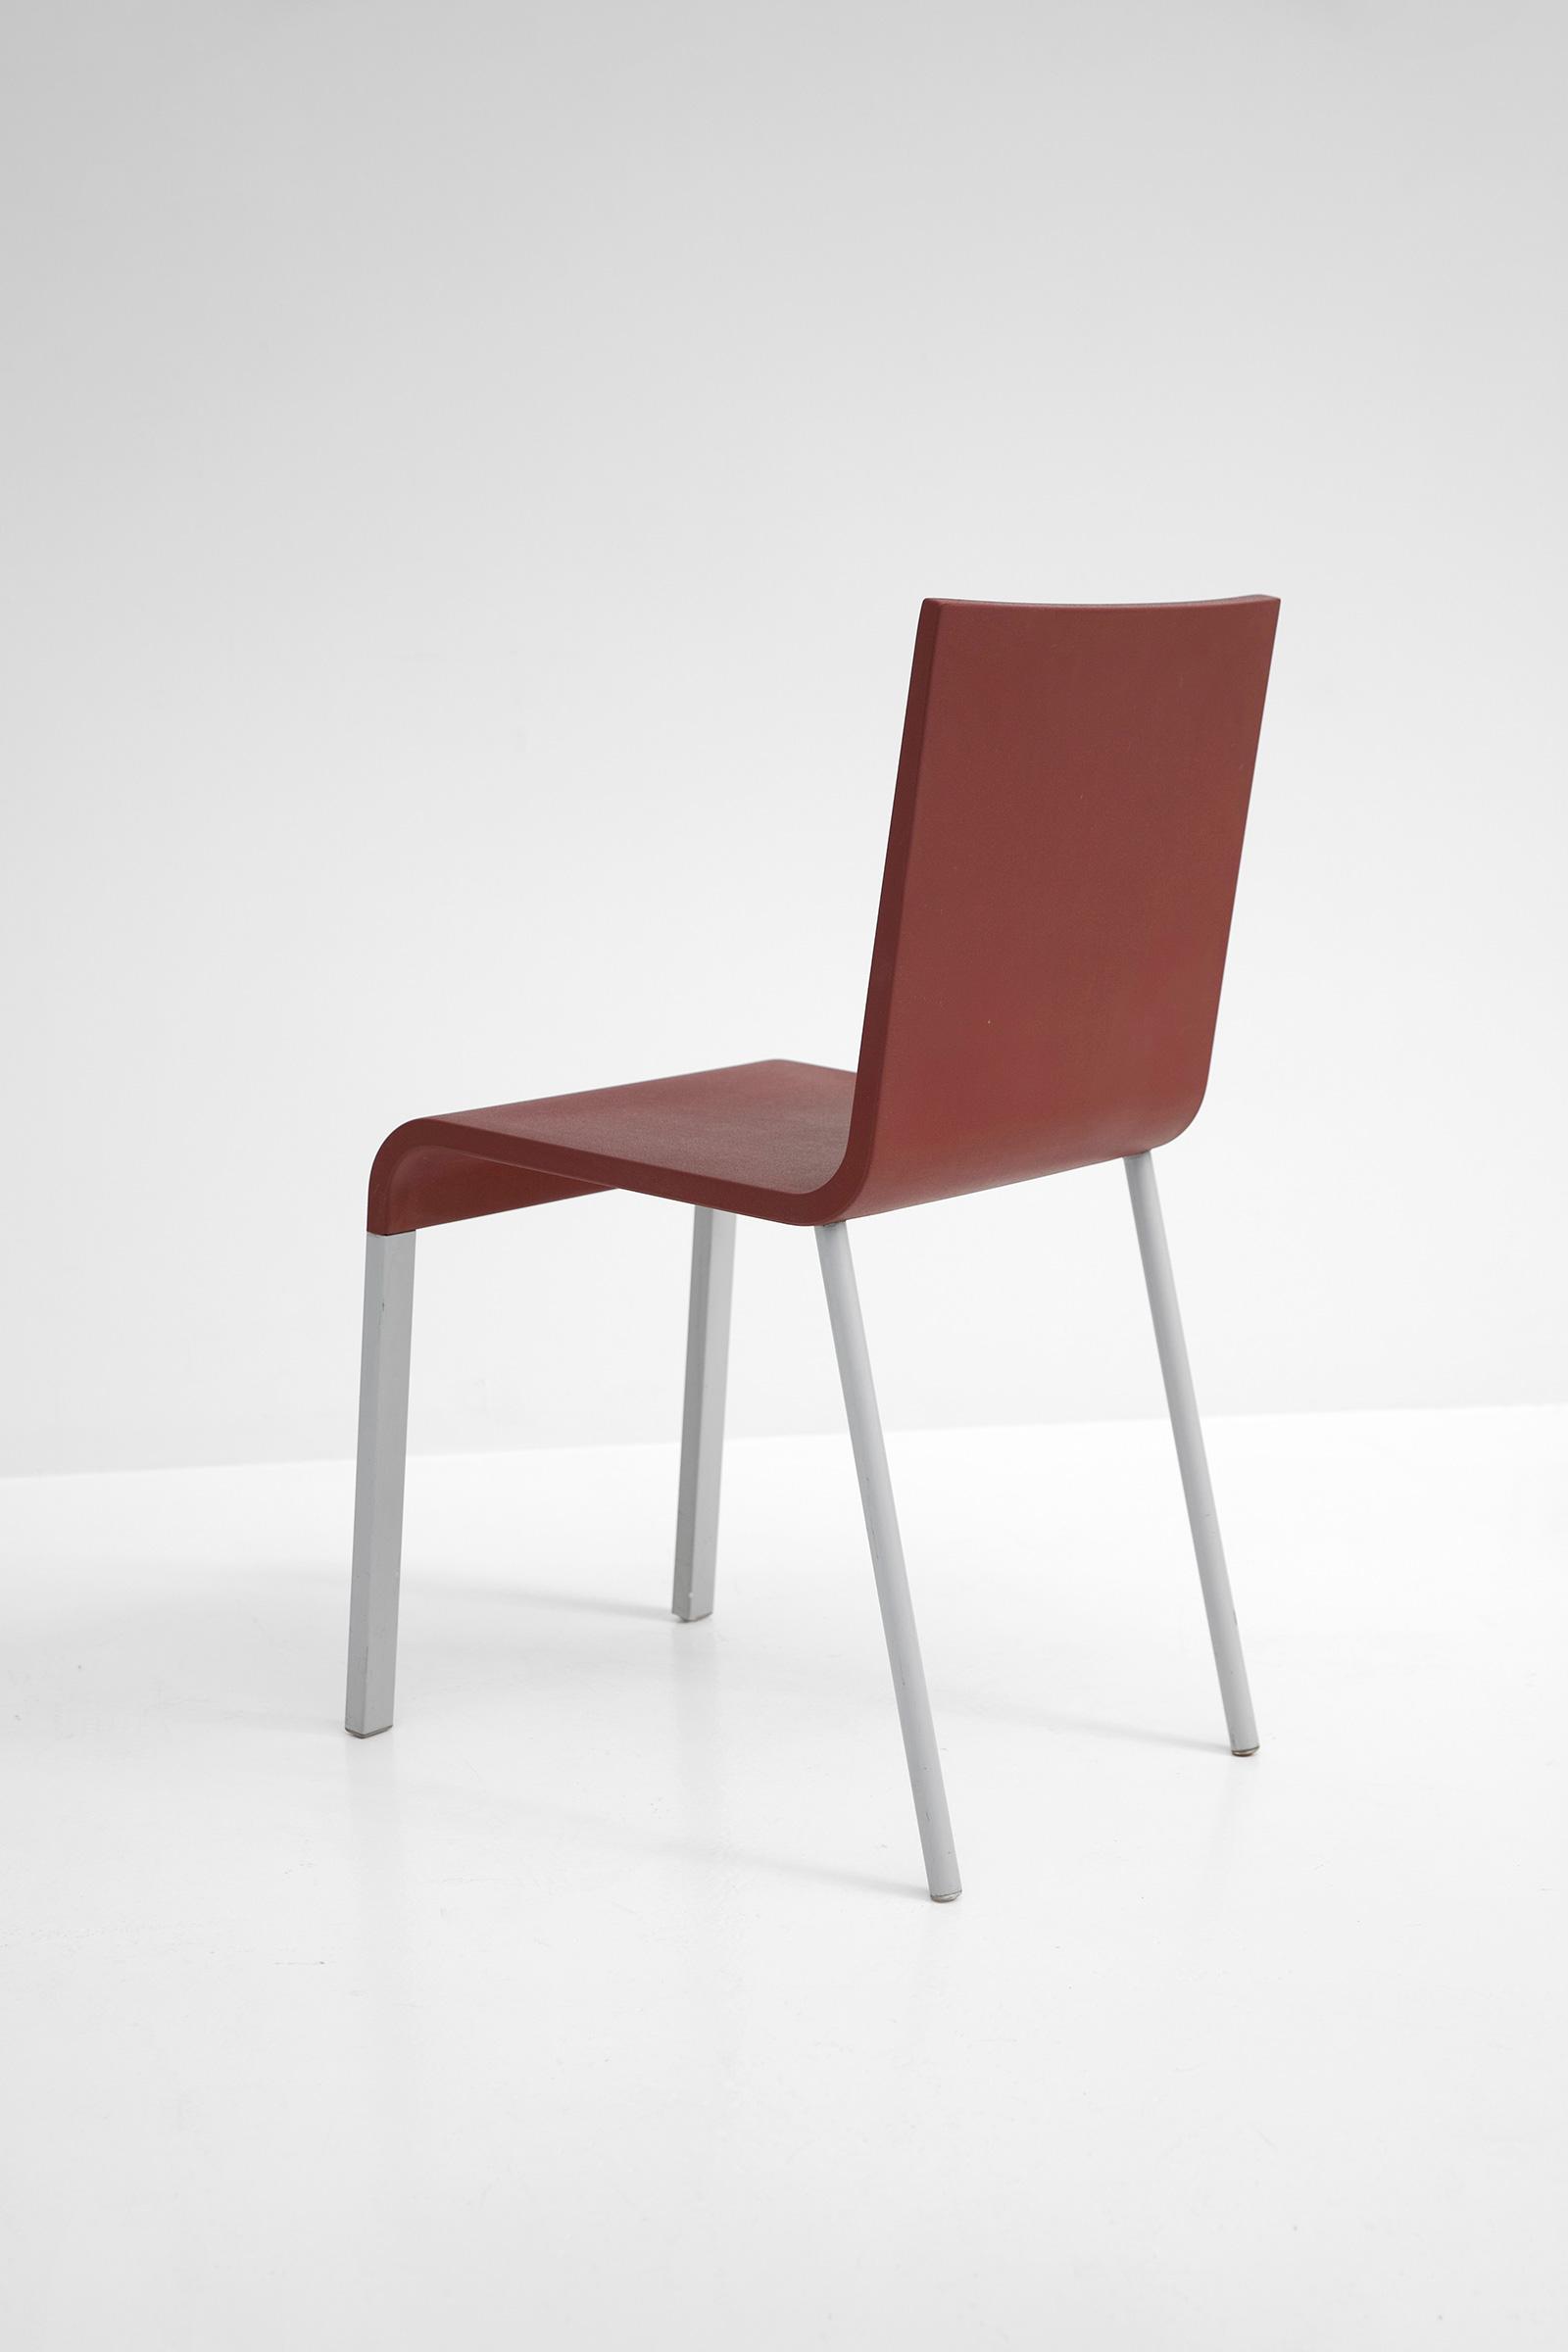 Maarten Van Severen .03 Vitra chairs